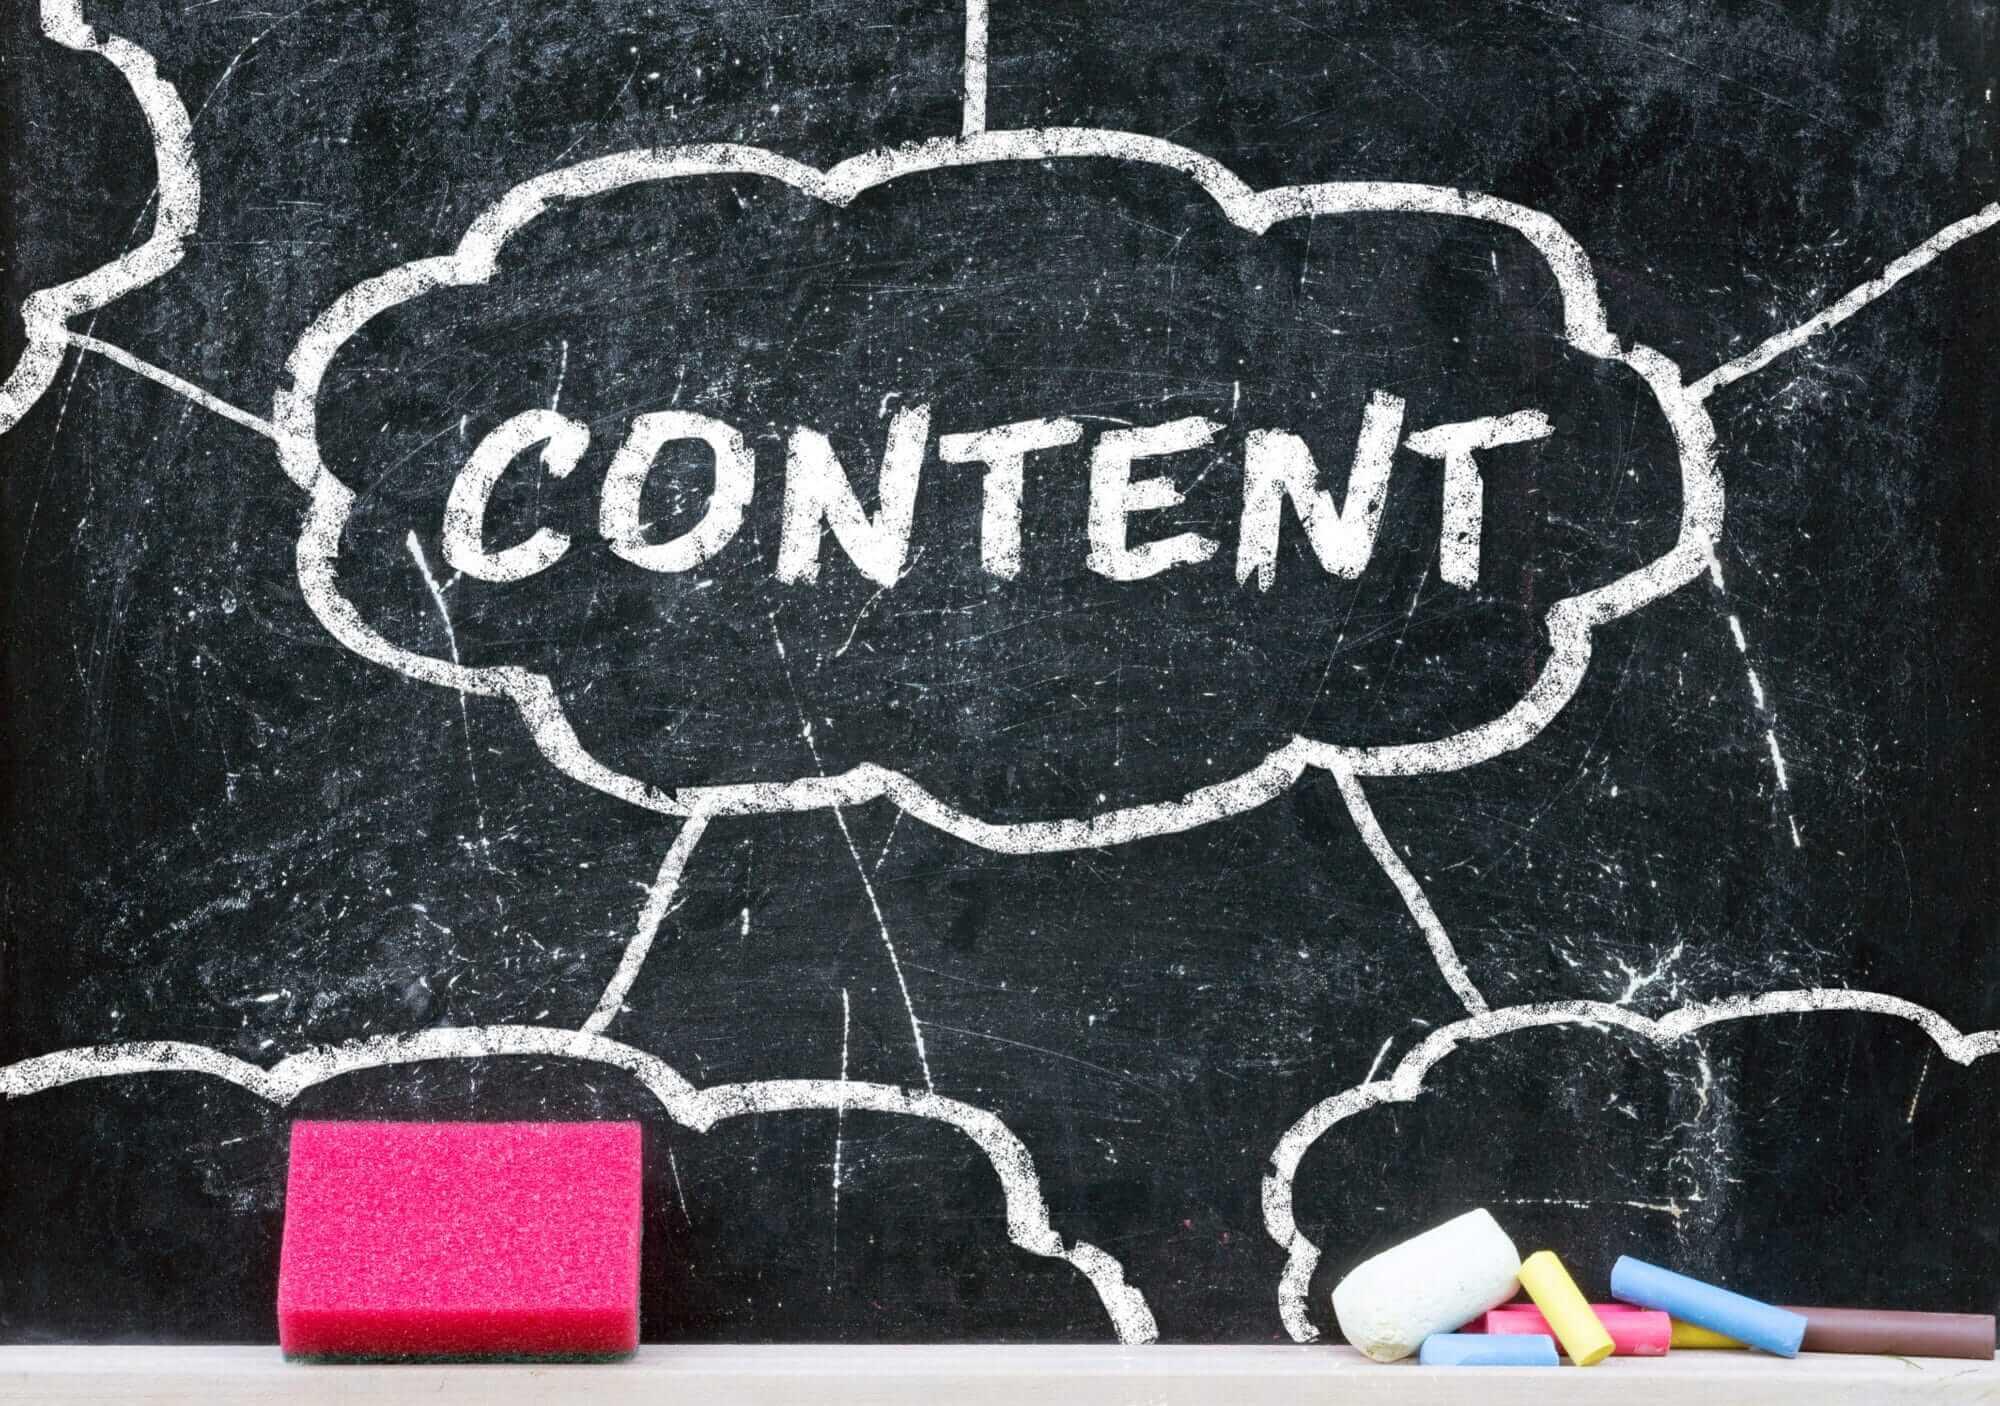 Les 5 erreurs du content marketing, fails et fausses bonnes idées